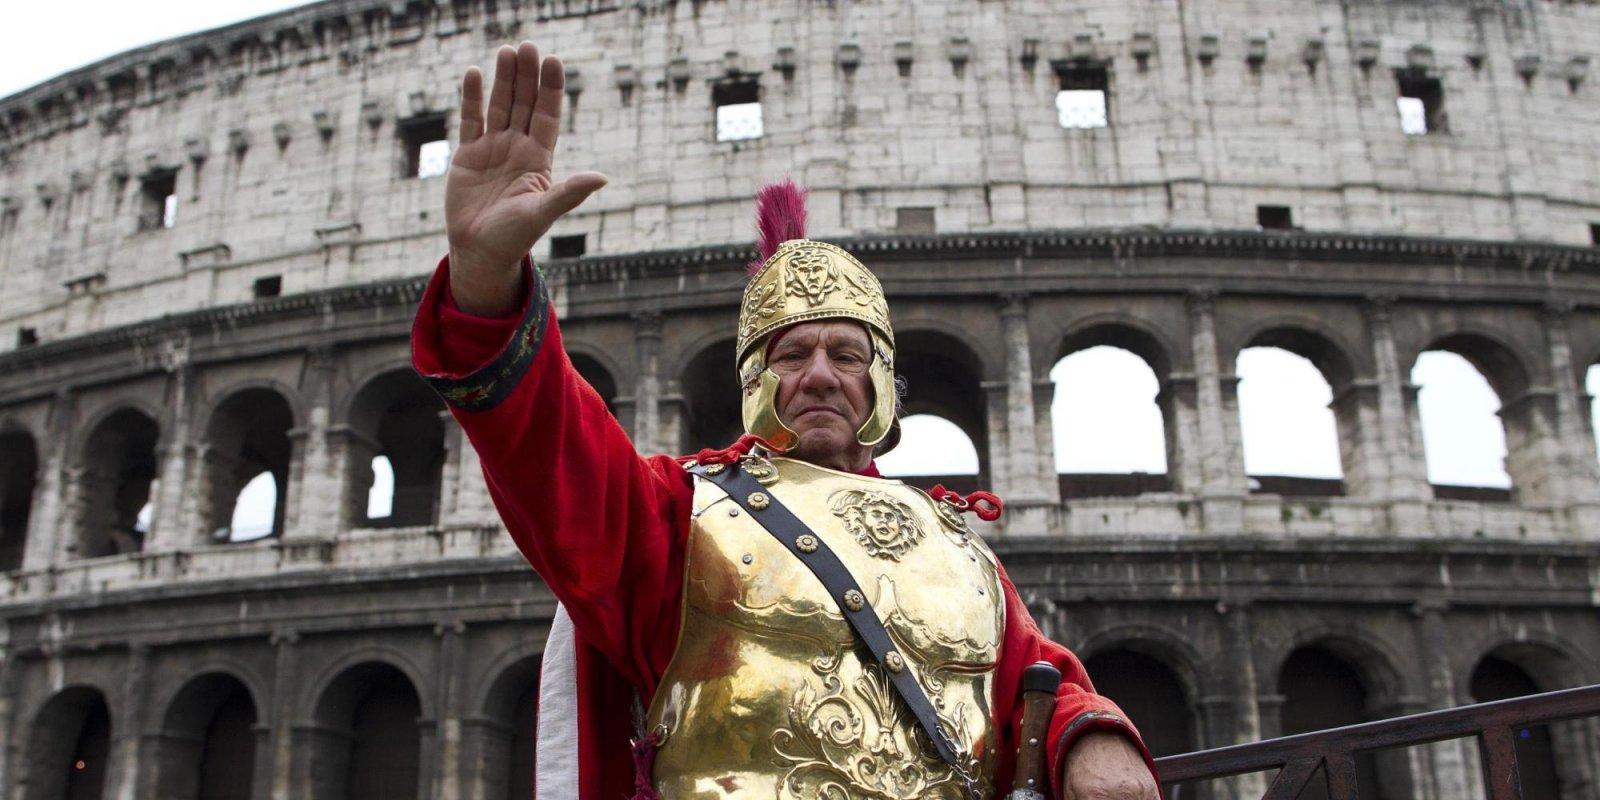 Колизей и Римский форум — экскурсия и незабываемые впечатления!